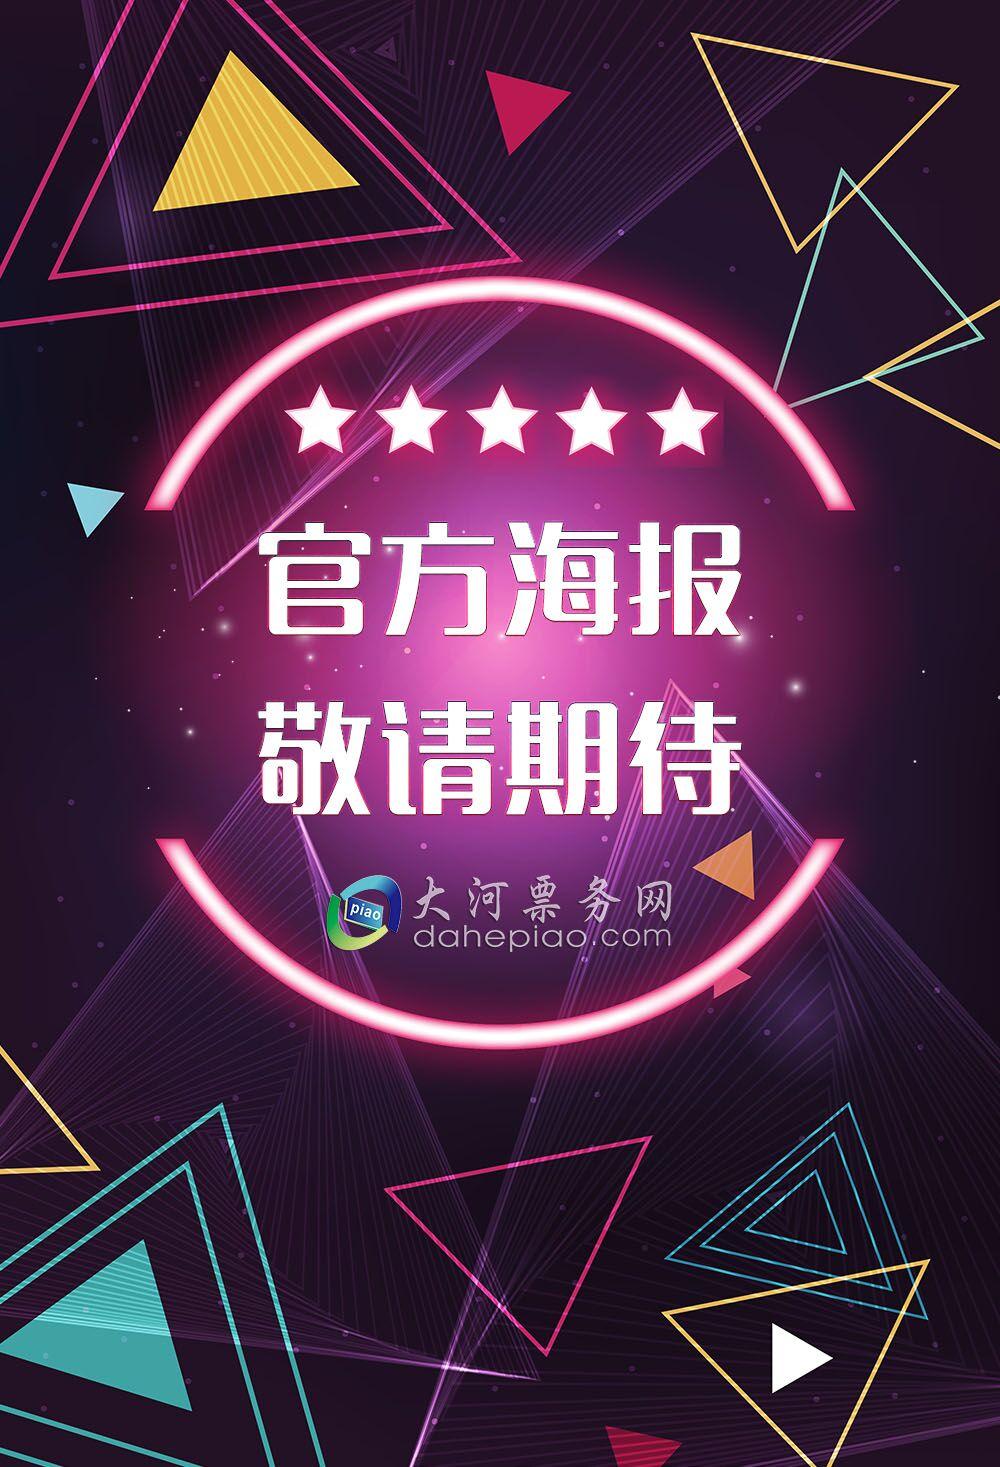 华晨宇上海演唱会